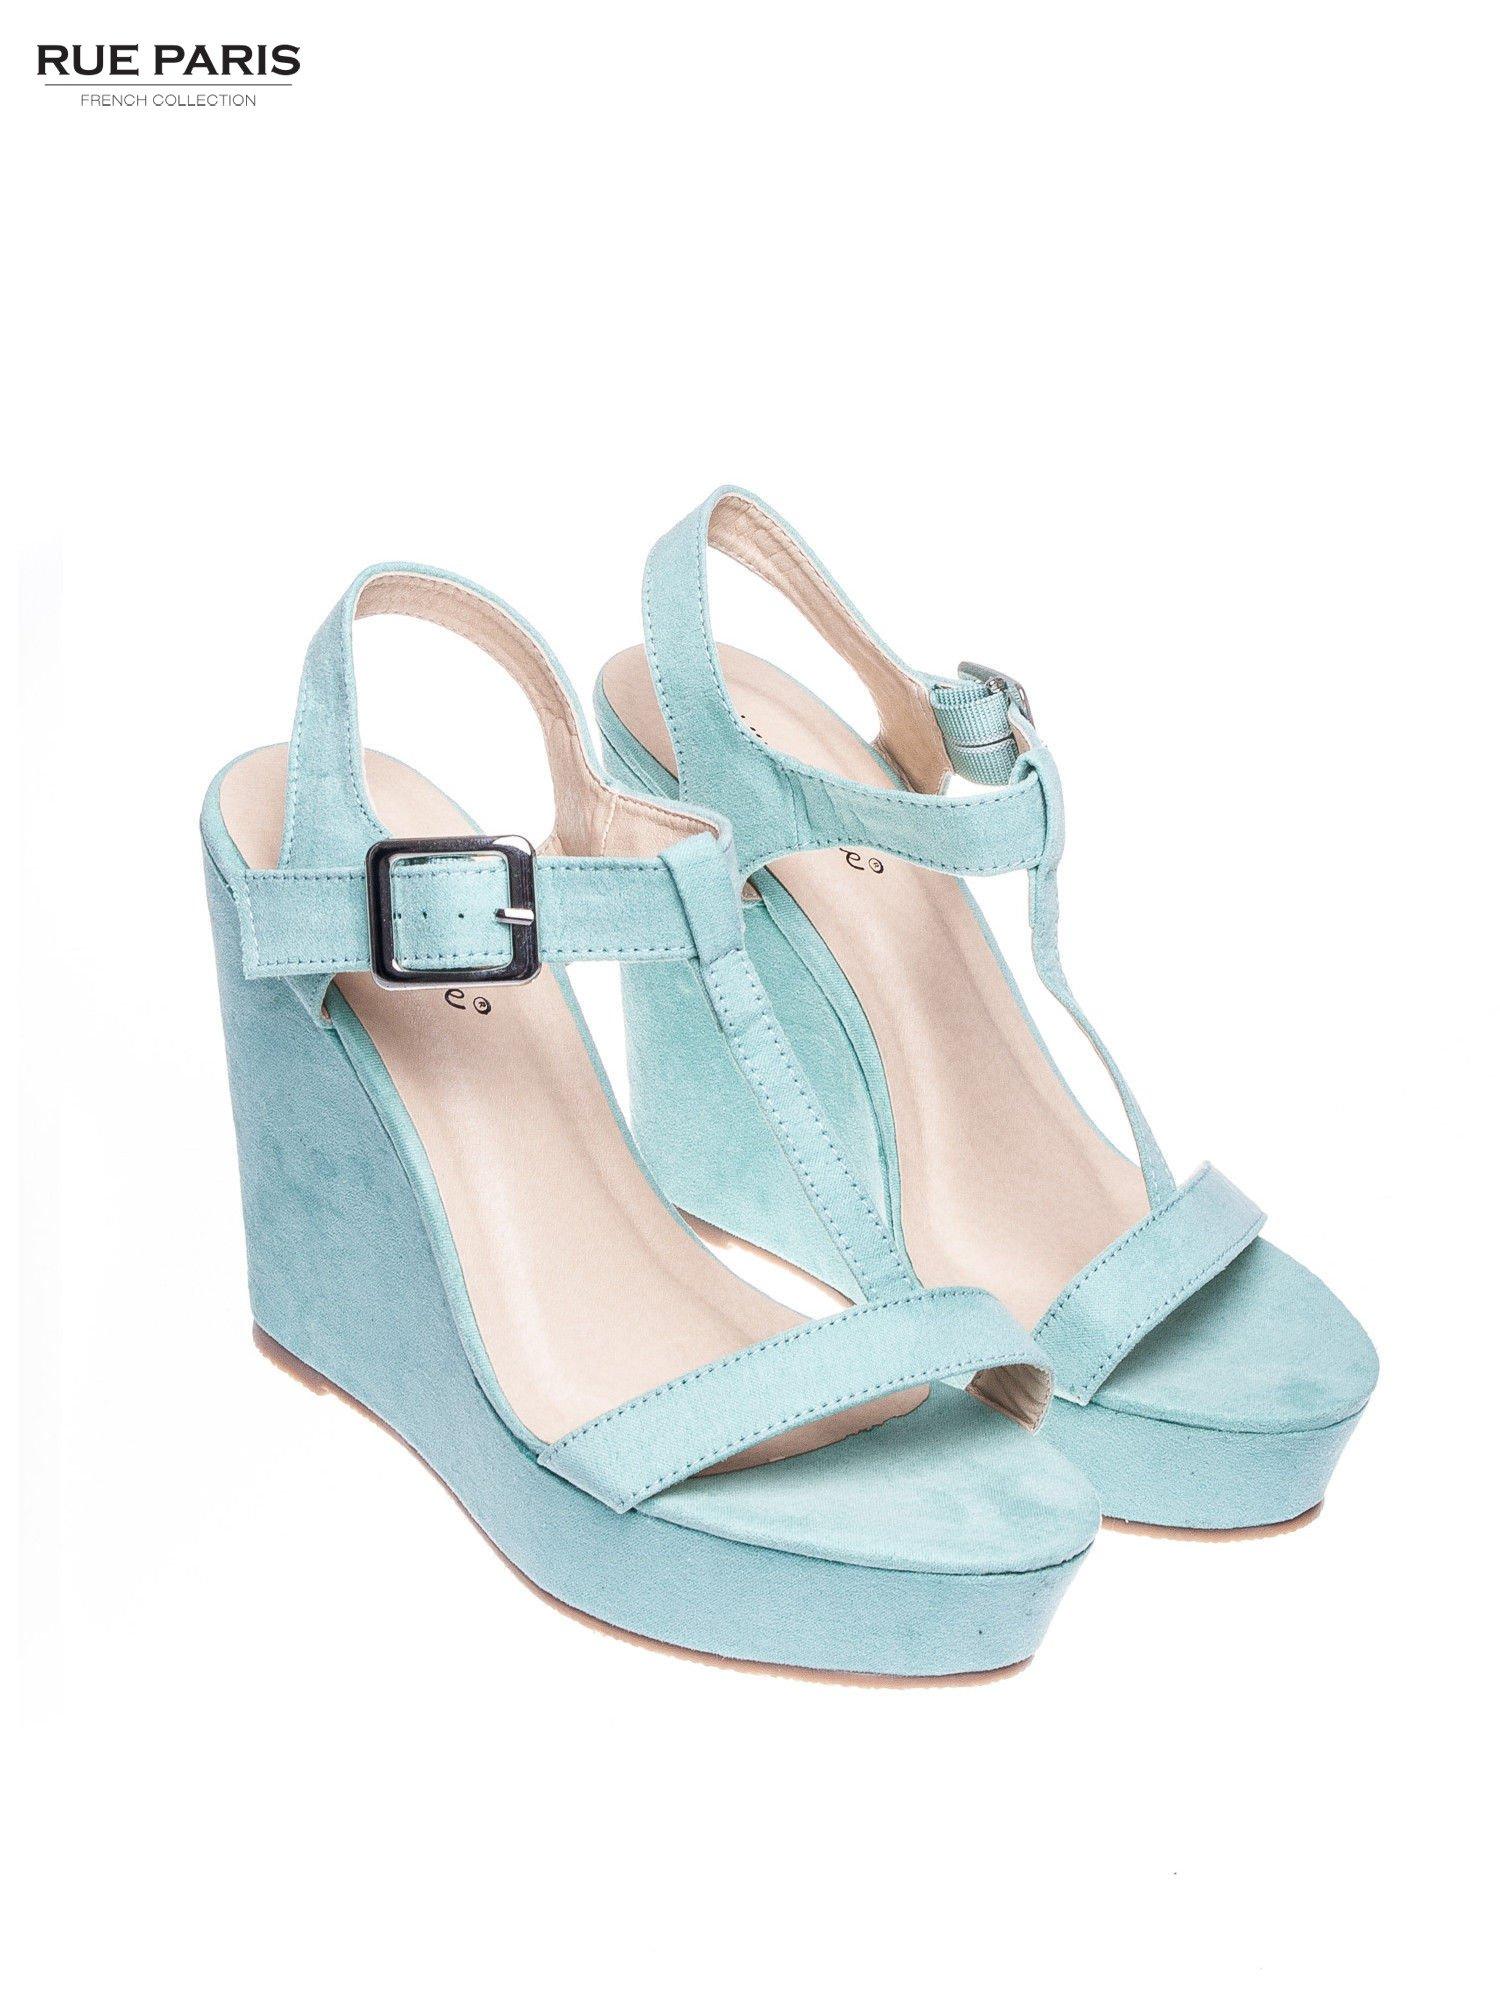 Miętowe zamszowe sandały t-bary na koturnie                                  zdj.                                  2